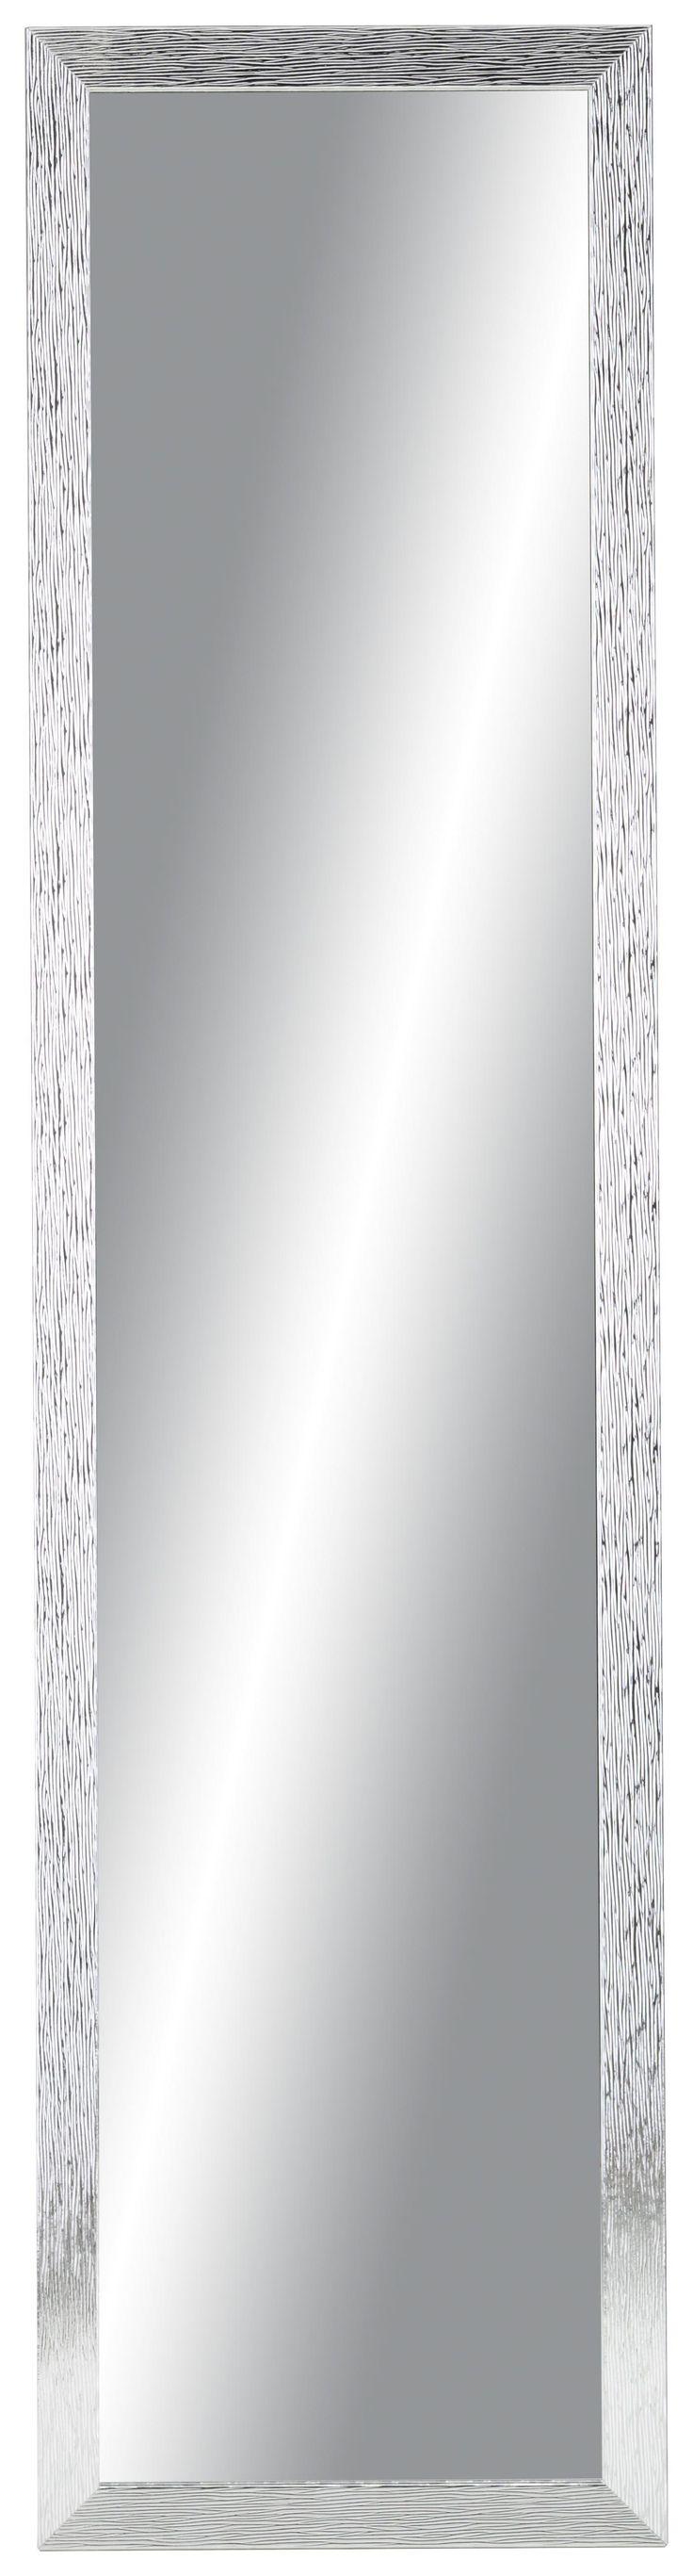 Dieser tolle <b>Wandspiegel</b> ist eine schicke Ergänzung für Ihr Zuhause. Der ca. <b>35 x 140 cm (B x H) </b>große Spiegel mit einem ca. <b>3,5 cm breiten Rahmen</b> aus Holznachbildung in <b>Silber</b> strahlt stilvolle Eleganz aus und lässt sich waagrecht und senkrecht montieren. Ein attraktiver Blickfang der jedem Wohnraum eine ganz besondere Note verleiht.